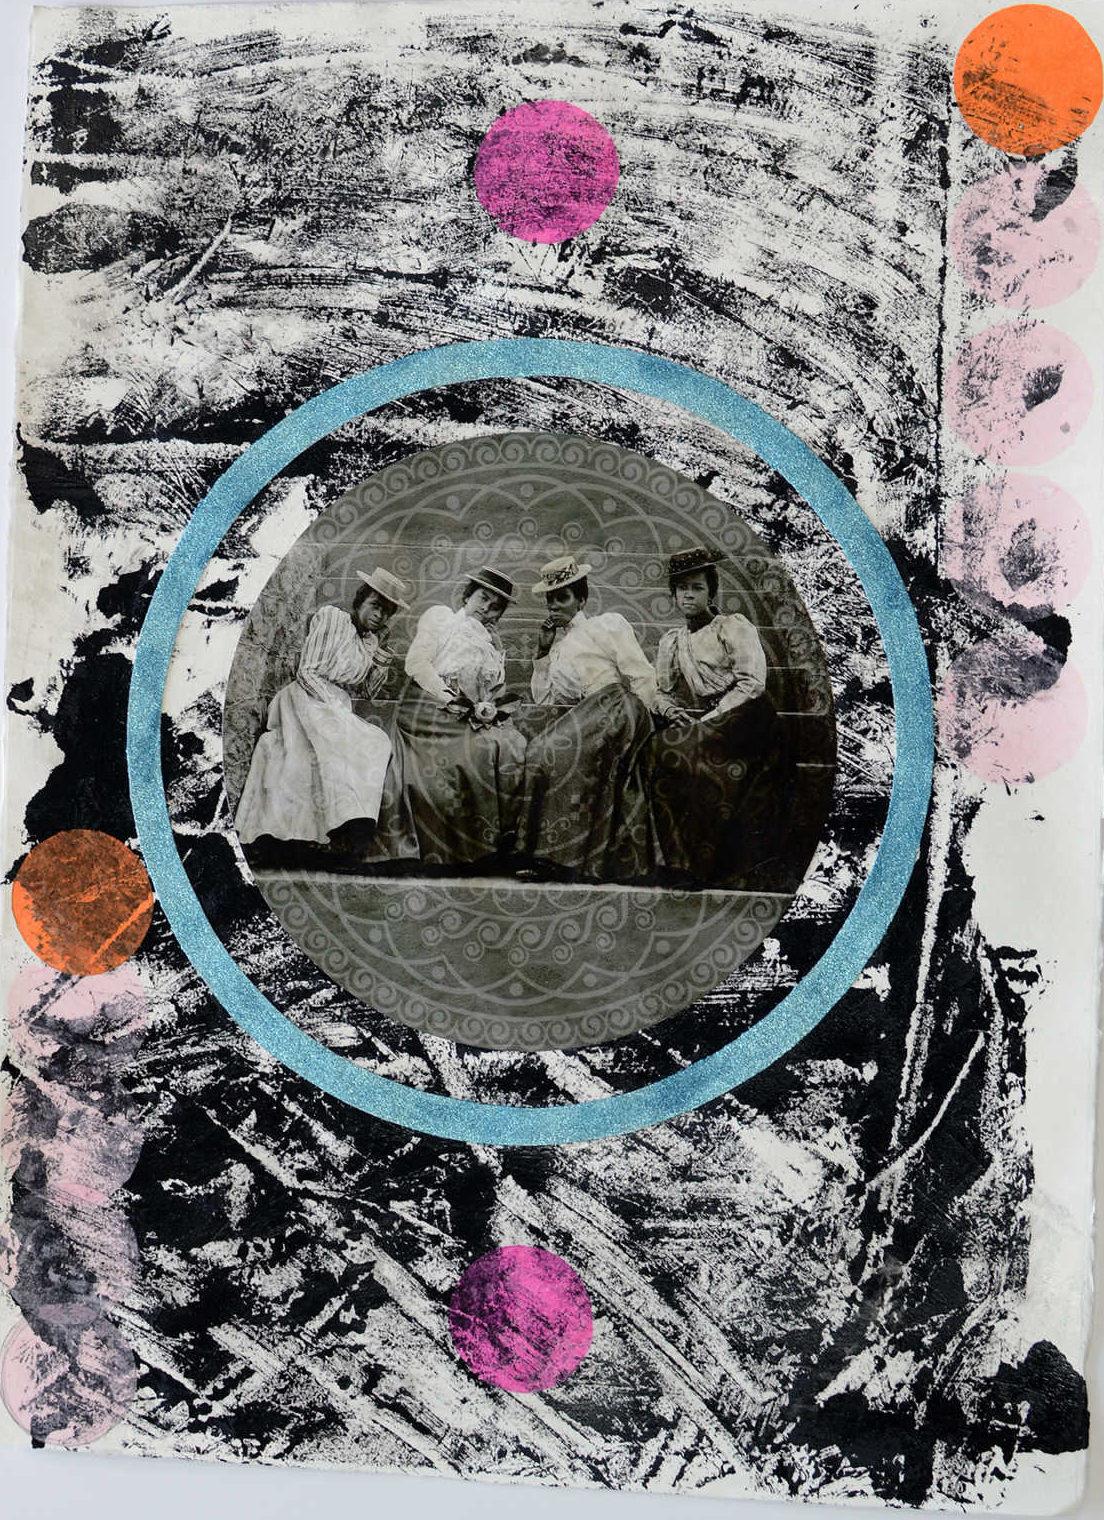 """Michael Reece,Quatre Femmes,2016, Archival pigment print, black gesso, tissue paper, glitter on watercolor paper, 32"""" x 24"""""""